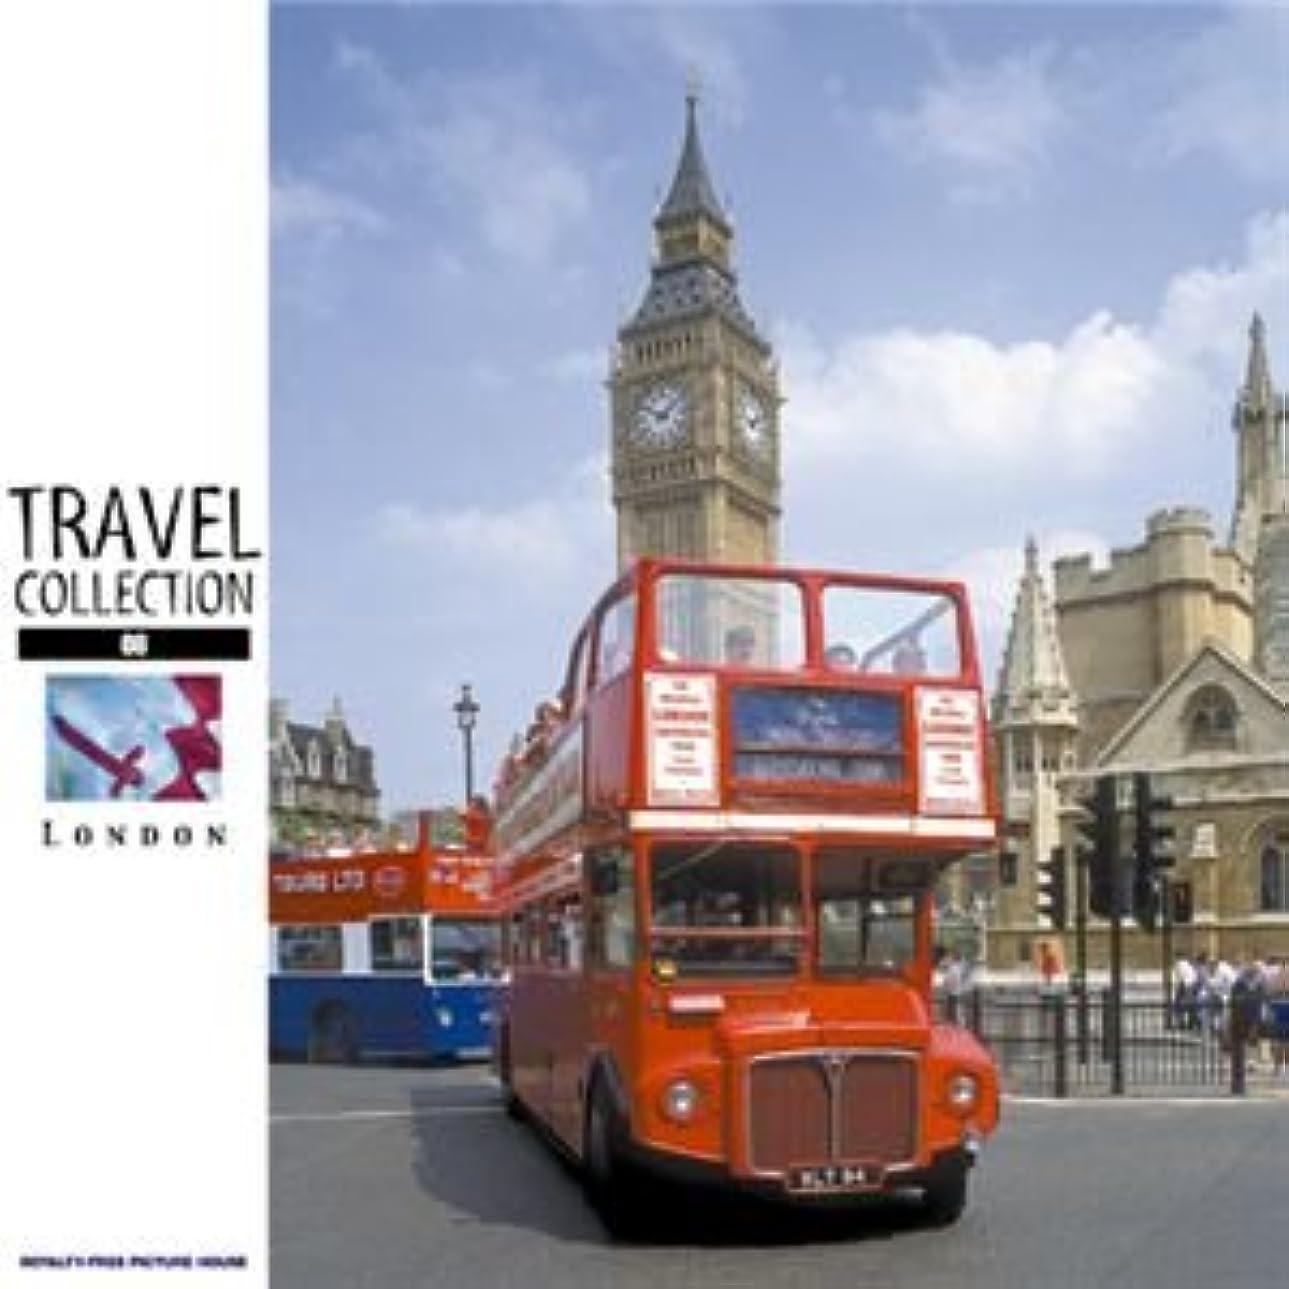 写真素材 Travel Collection Vol.008 ロンドン London ds-67850